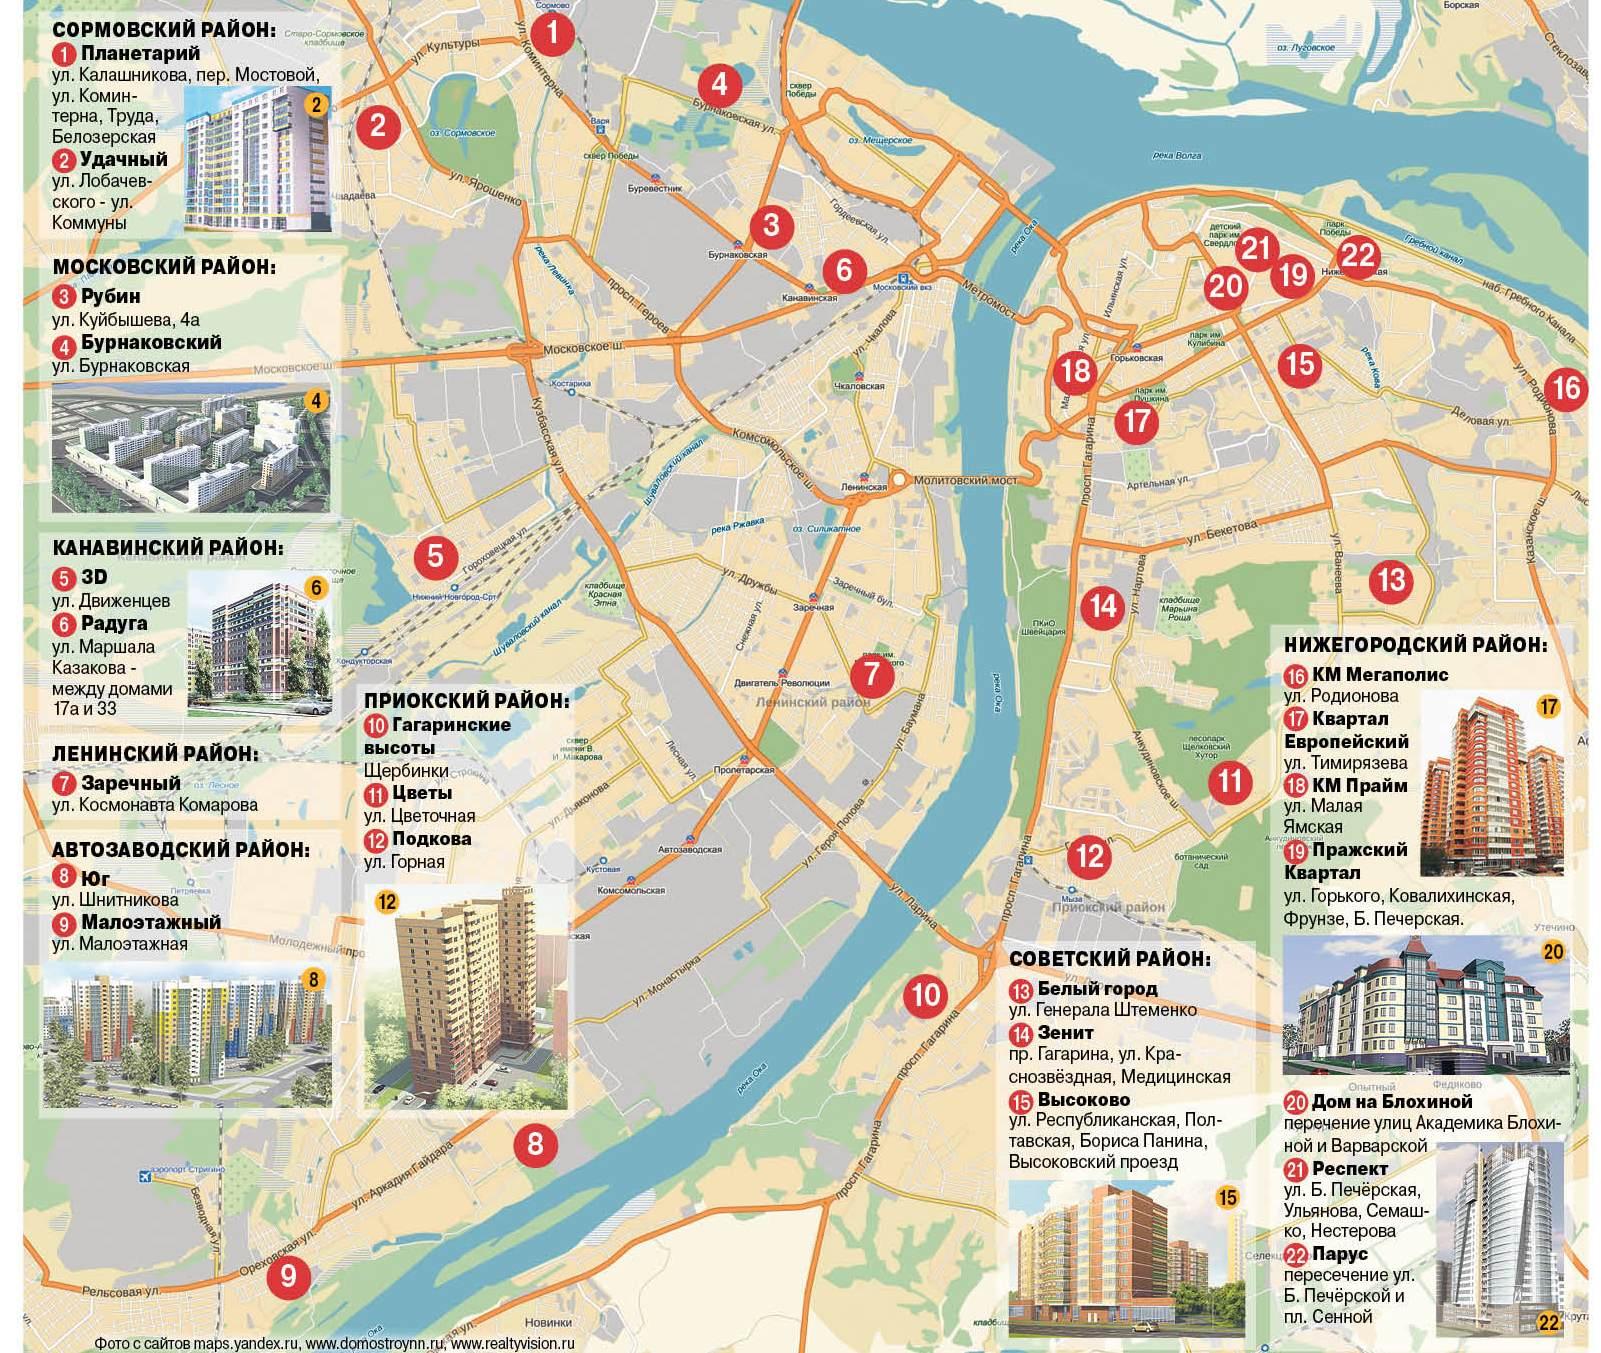 Карта нижегородских новостроек. Инфографика